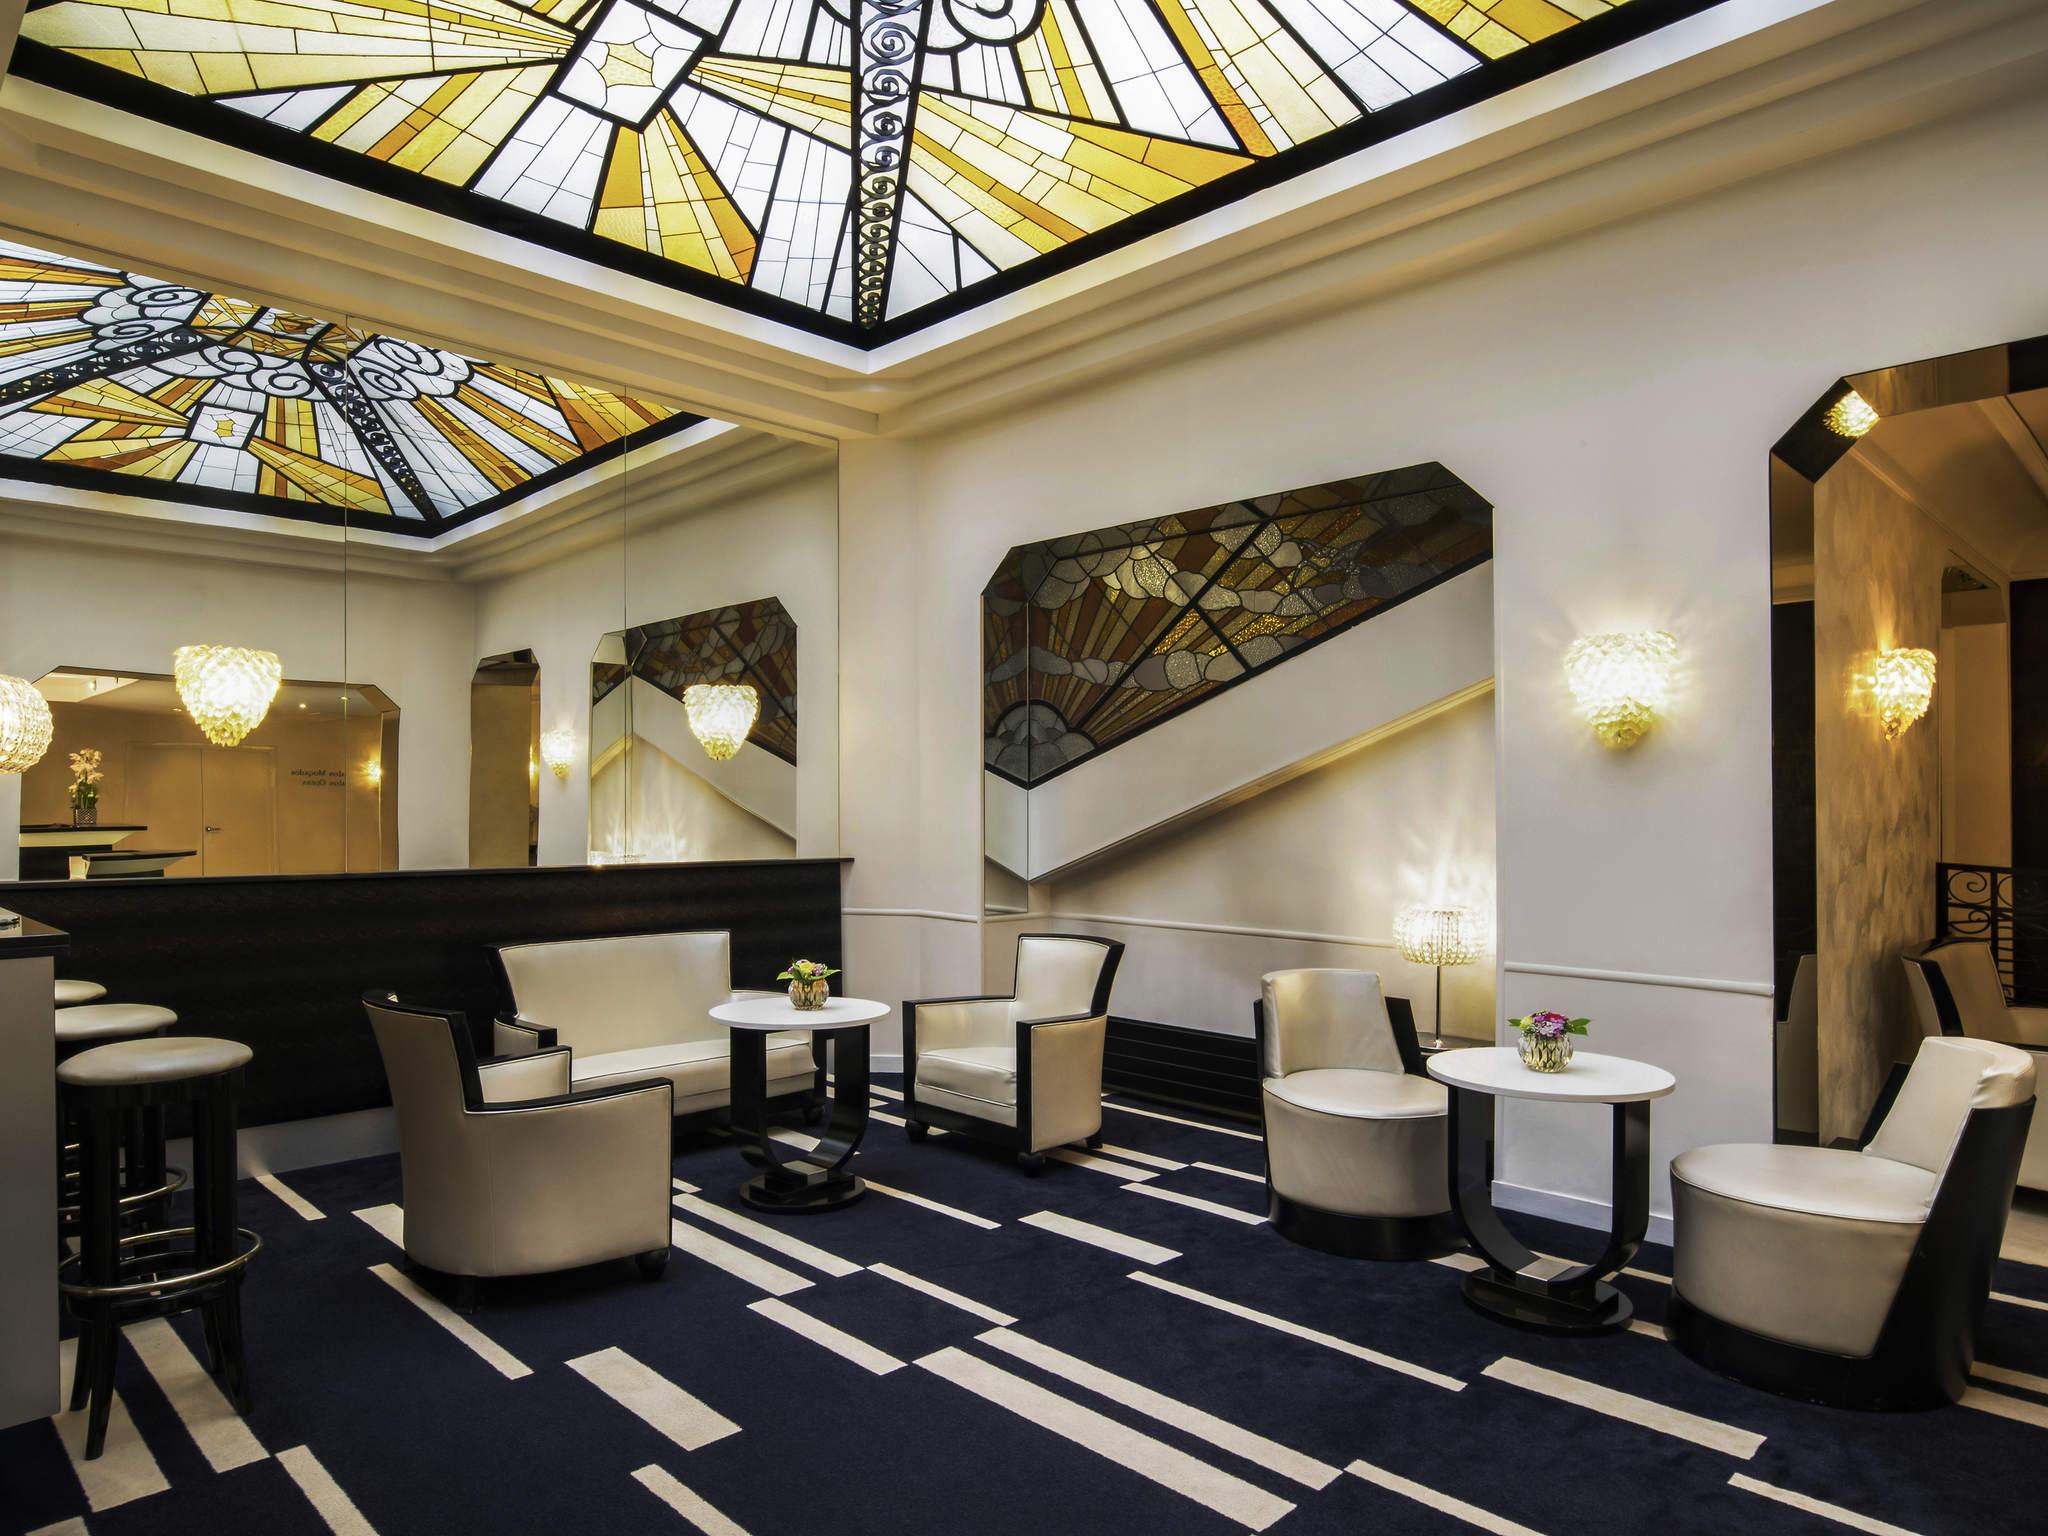 Hotel – Hotel Mercure Paris Opéra Faubourg Montmartre